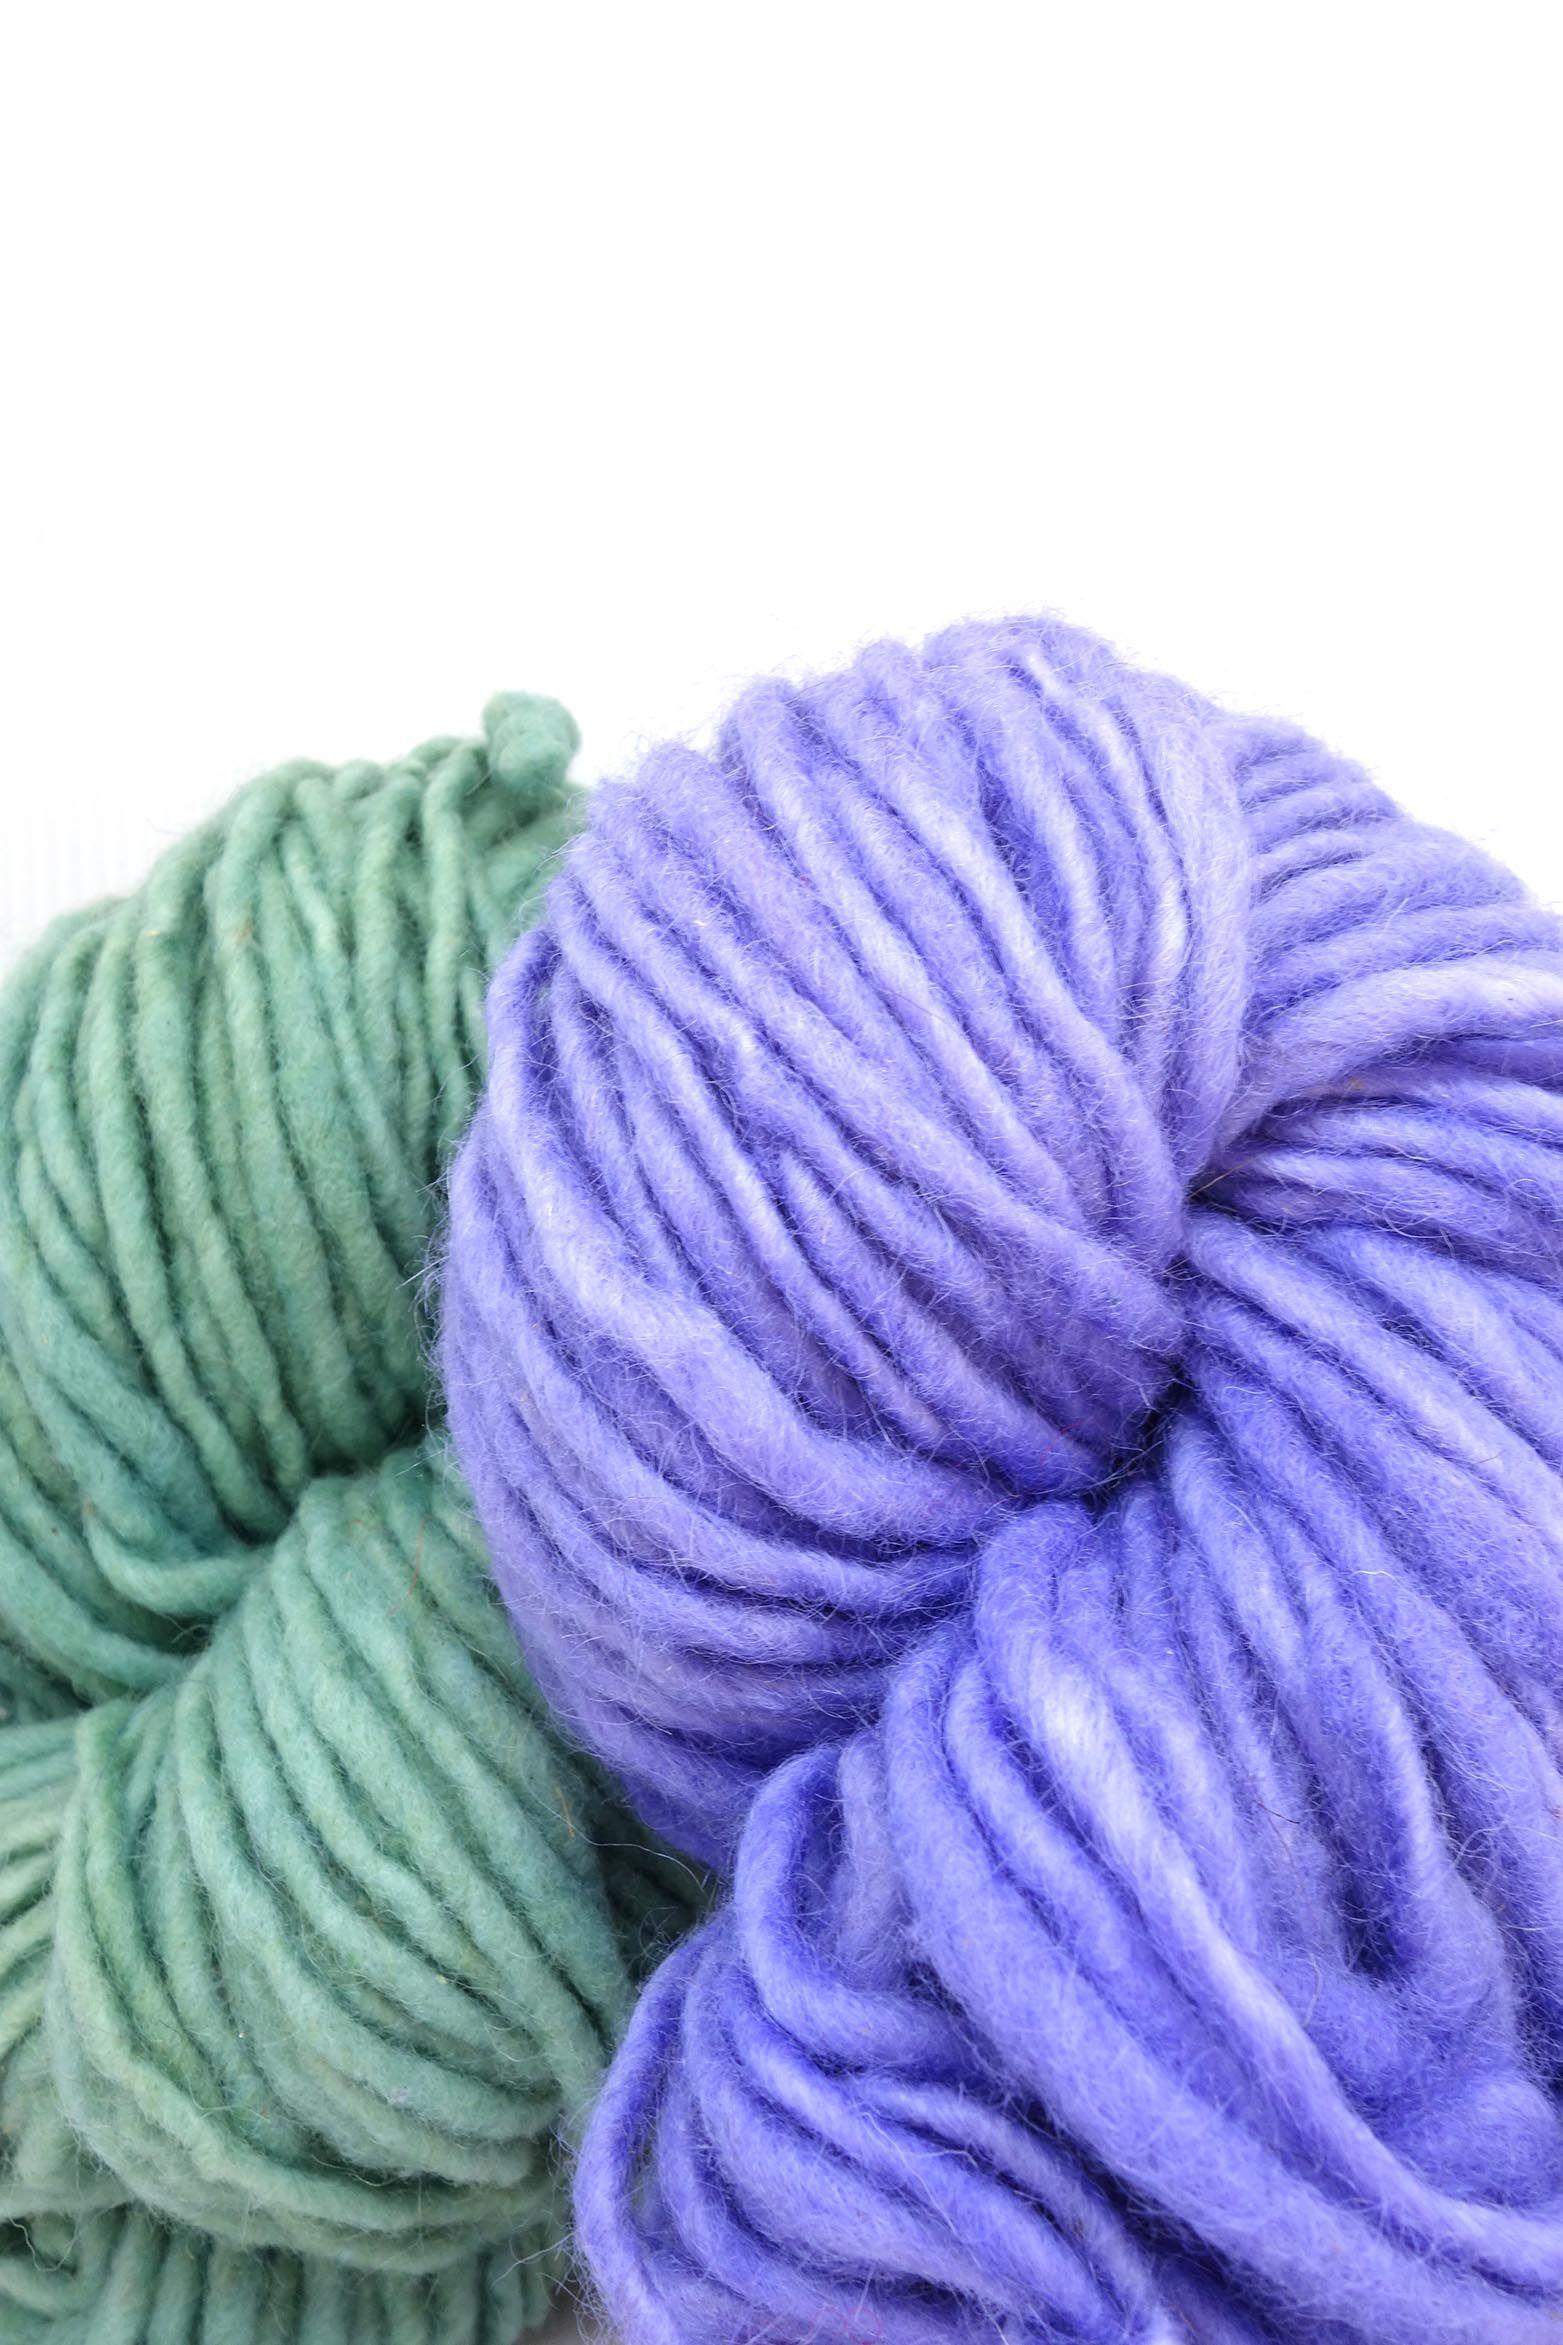 Weavers Gorgeous Handspun Wool Yarn For Tapestries Rugs